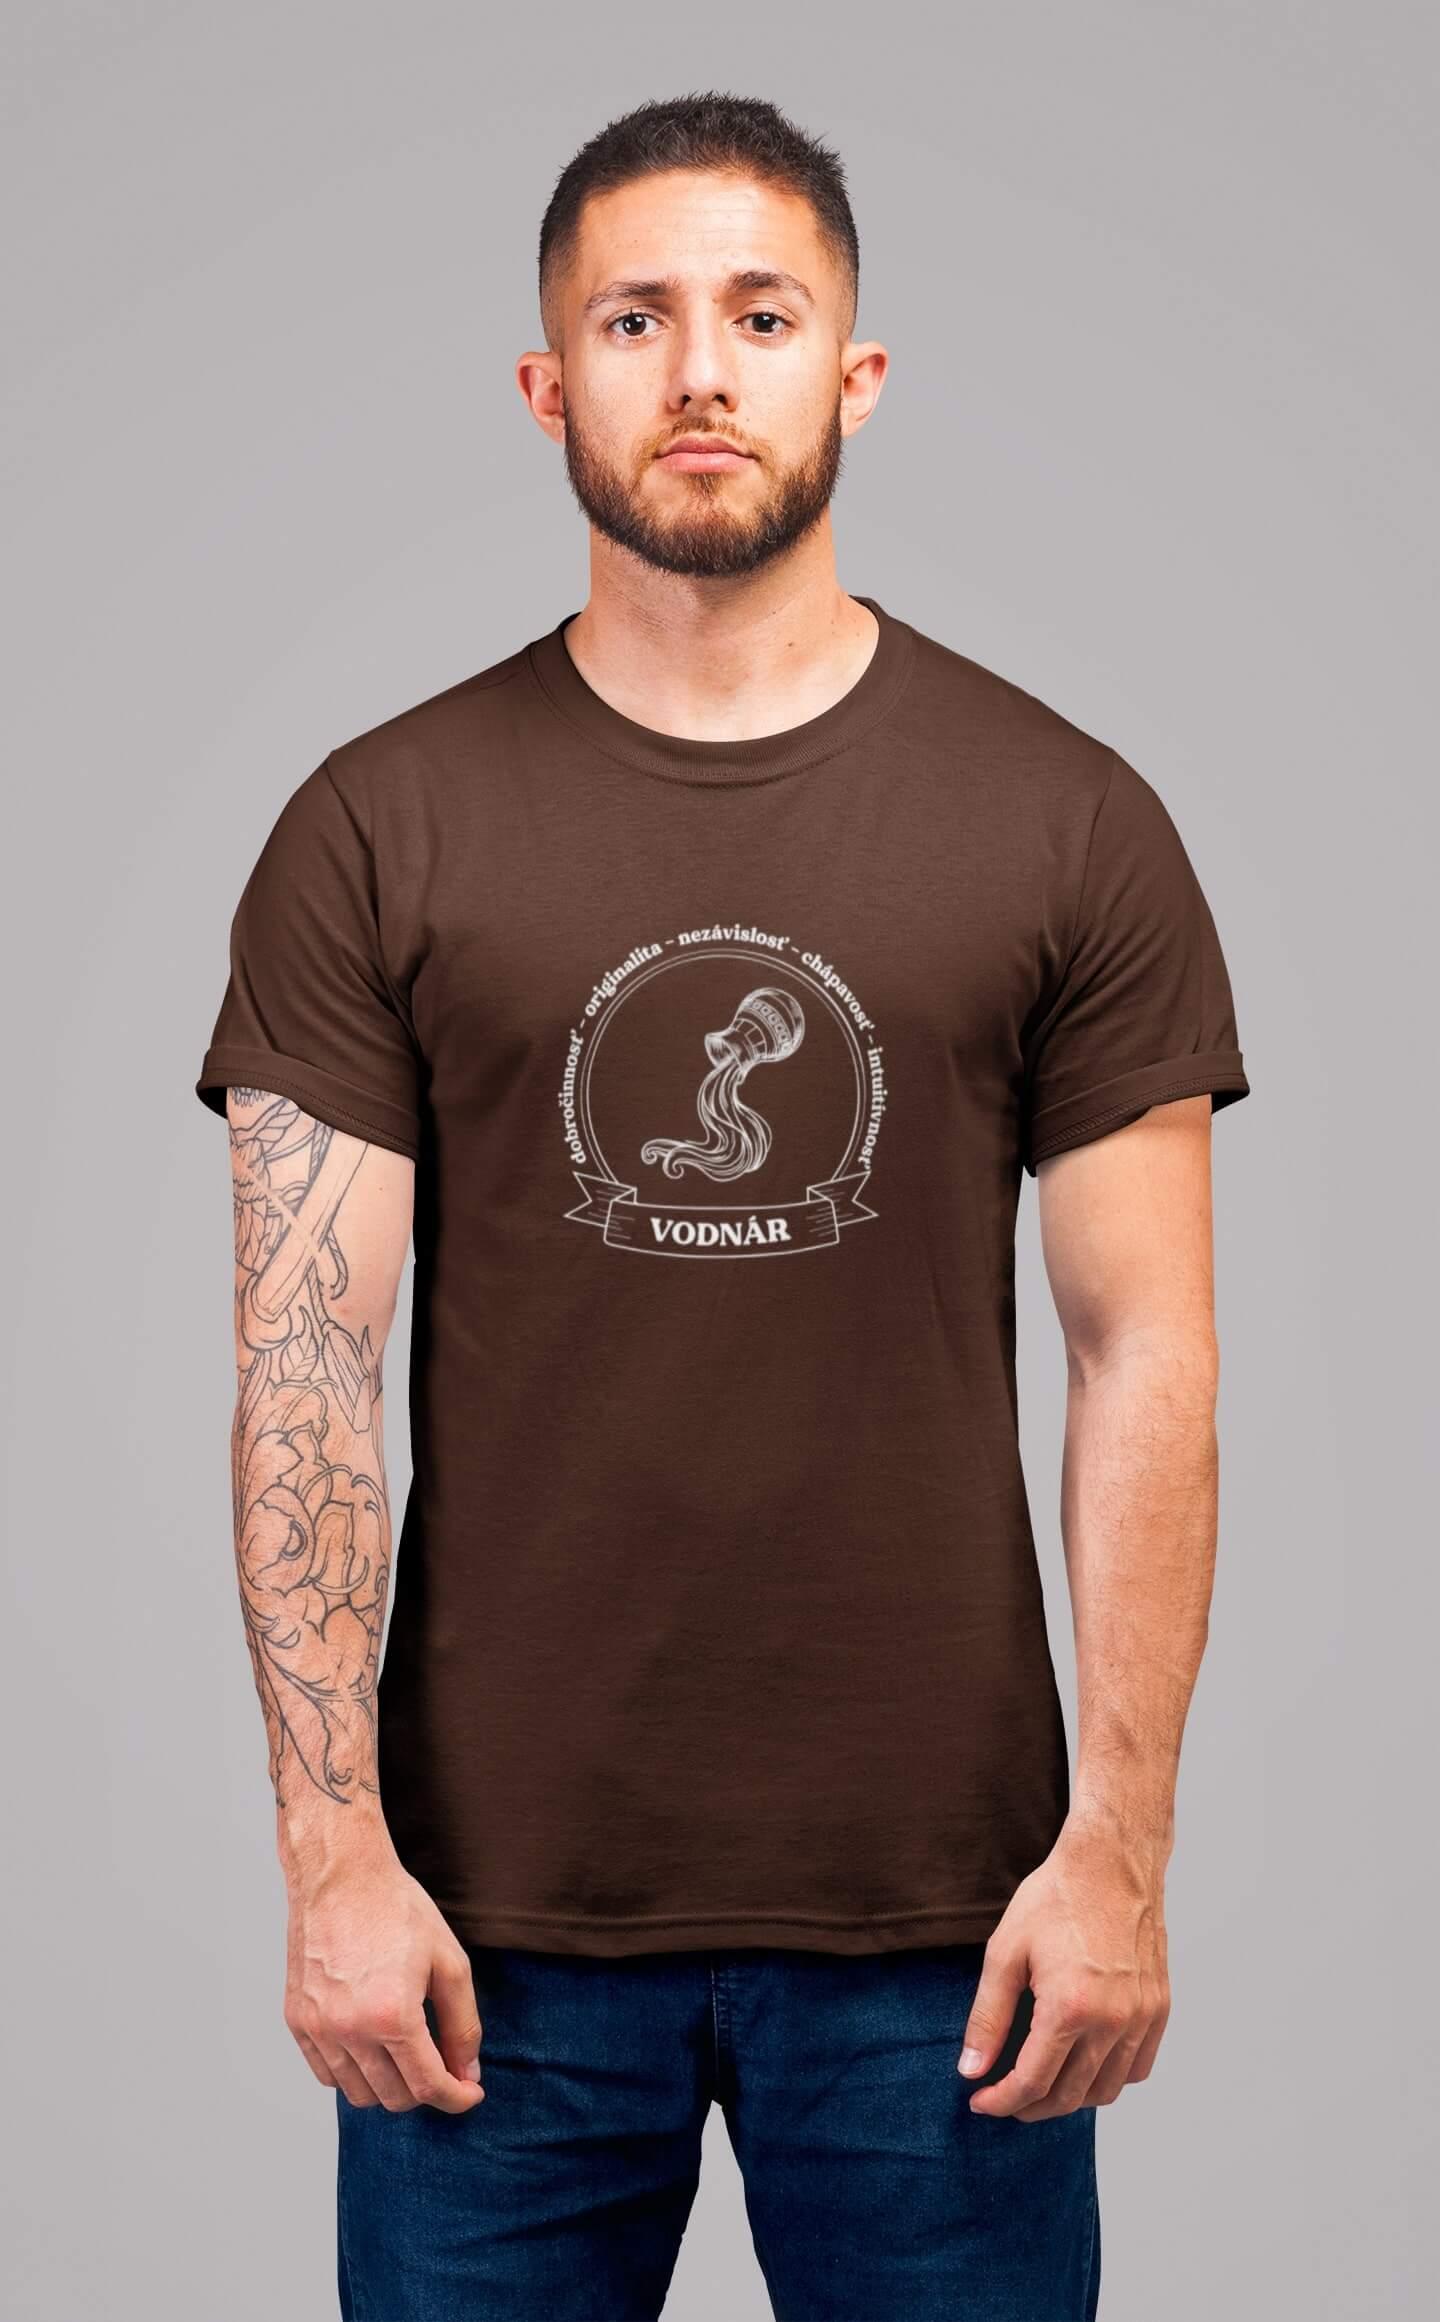 MMO Pánske tričko Vodnár Vyberte farbu: Čokoládová, Vyberte veľkosť: XL